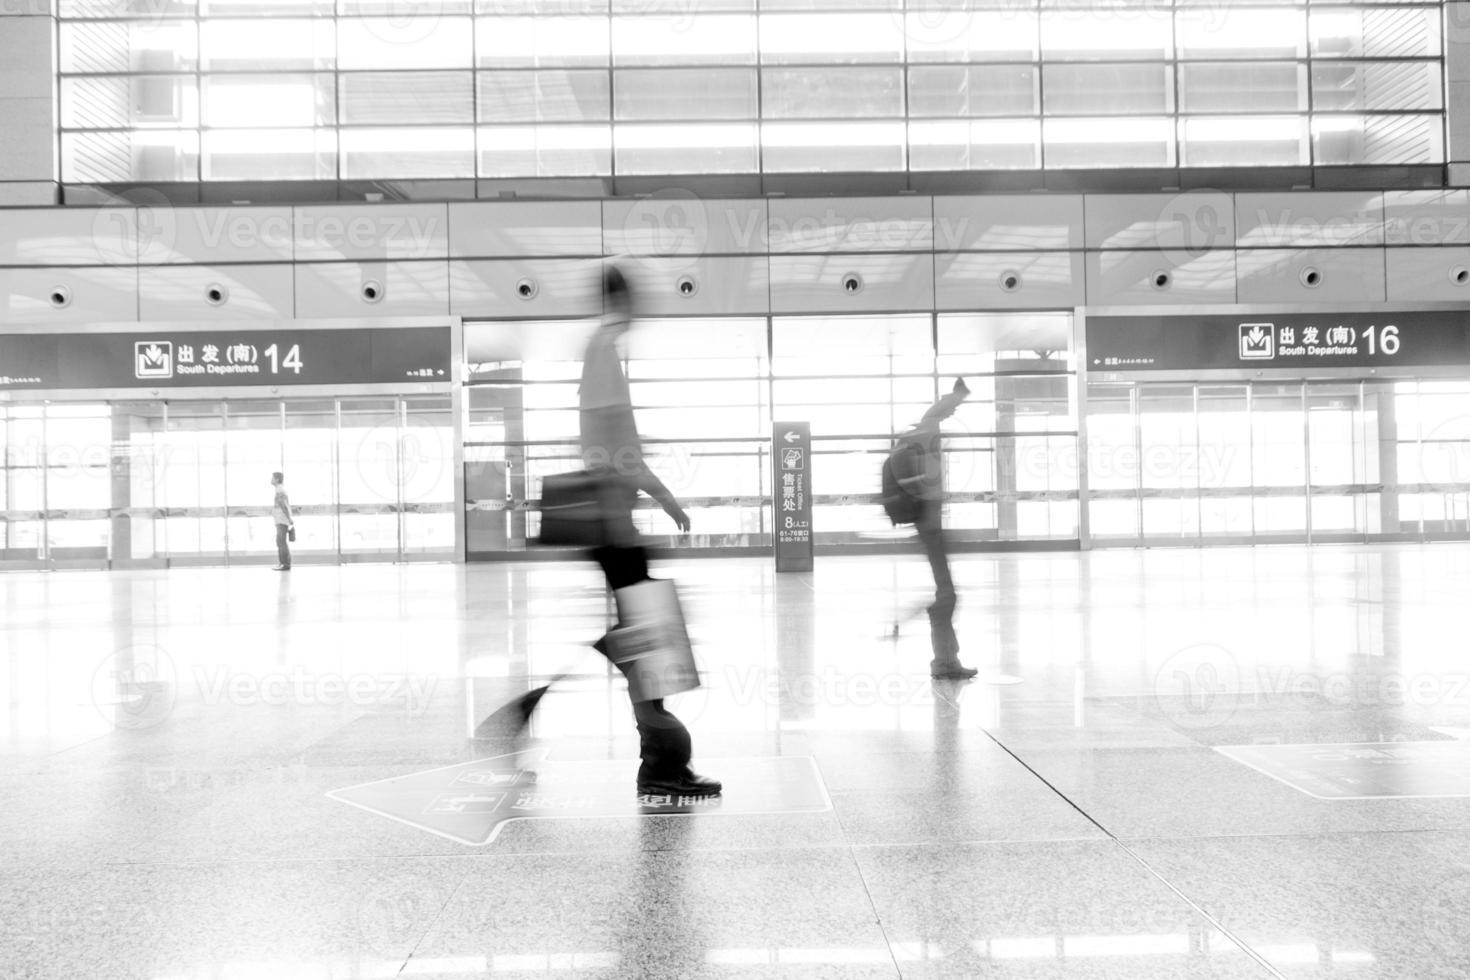 aéroport de pudong de shanghai. intérieur de l'aéroport photo